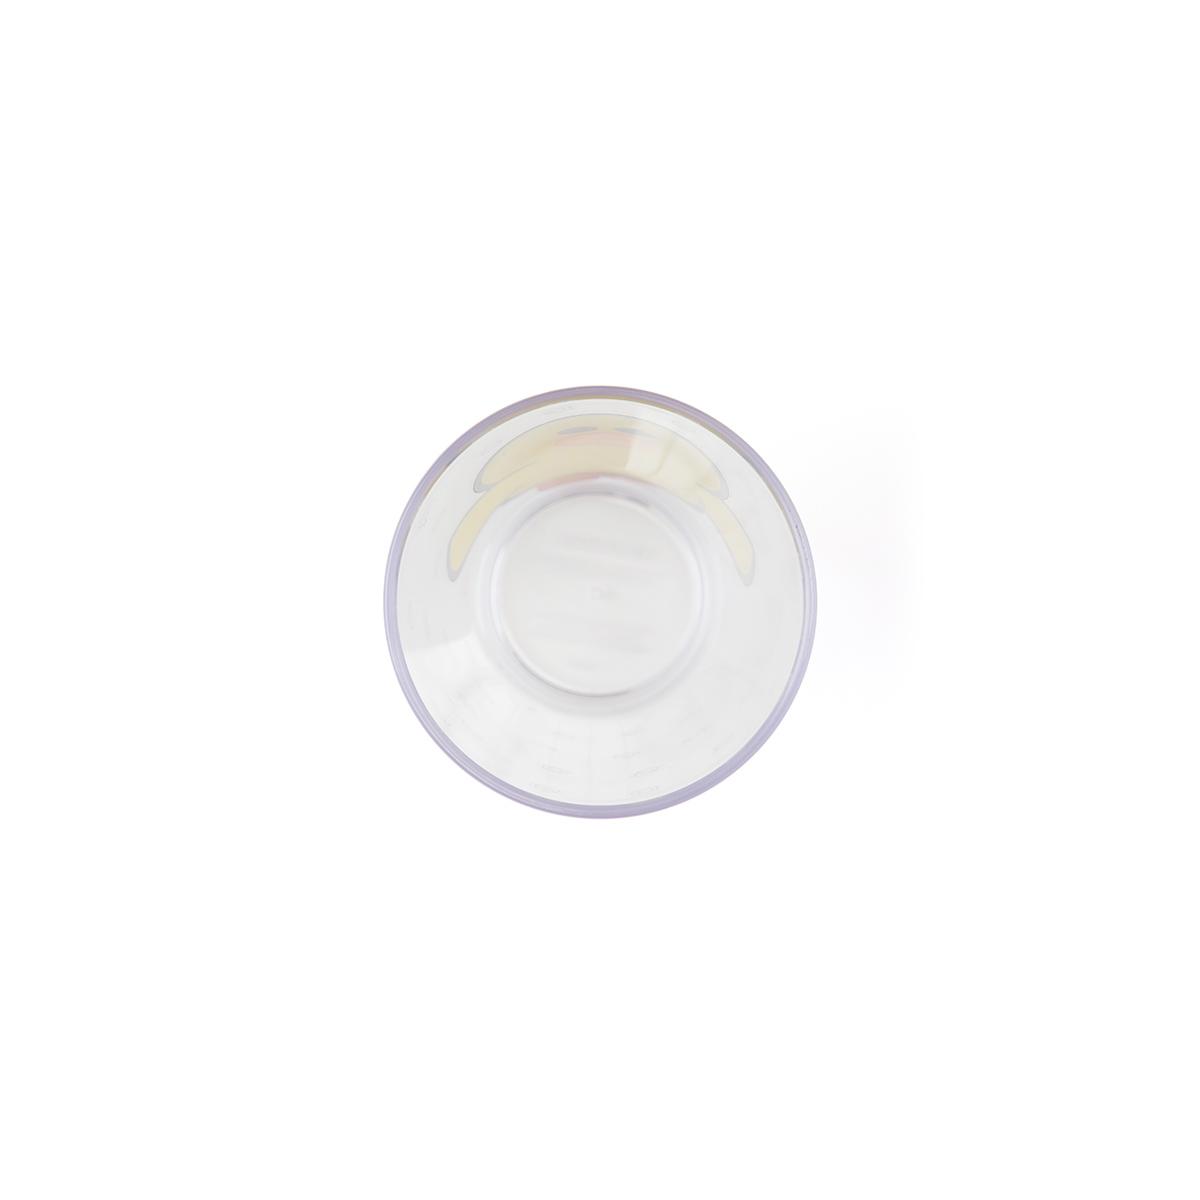 샐리 아이스 컵 세트 (2개입)